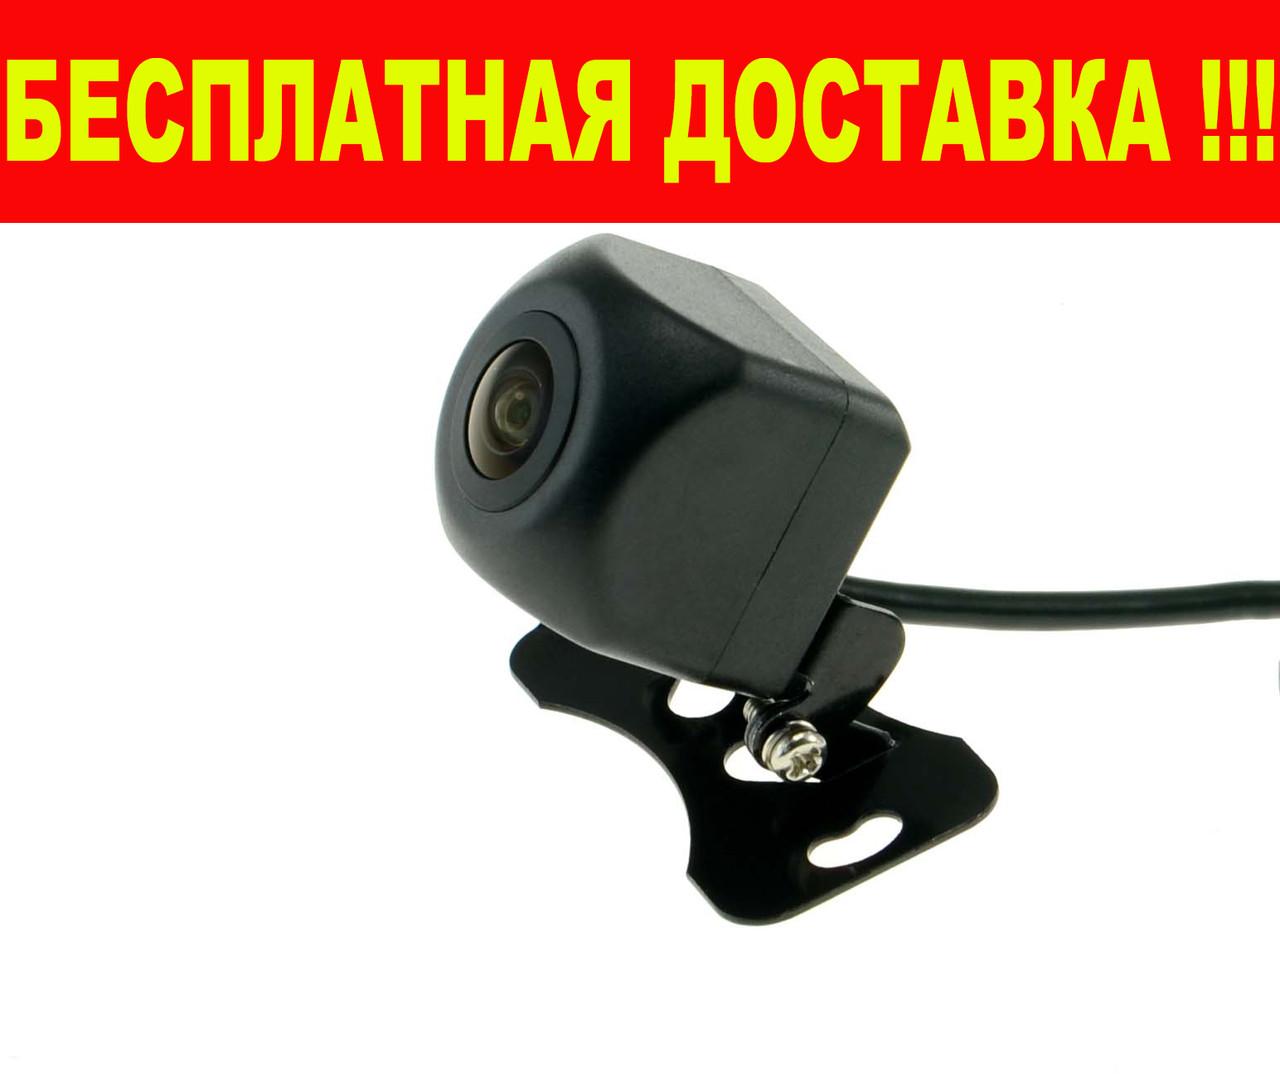 Камера заднего вида CYCLONE RC-38 NIGHT + Бесплатная доставка по Украине